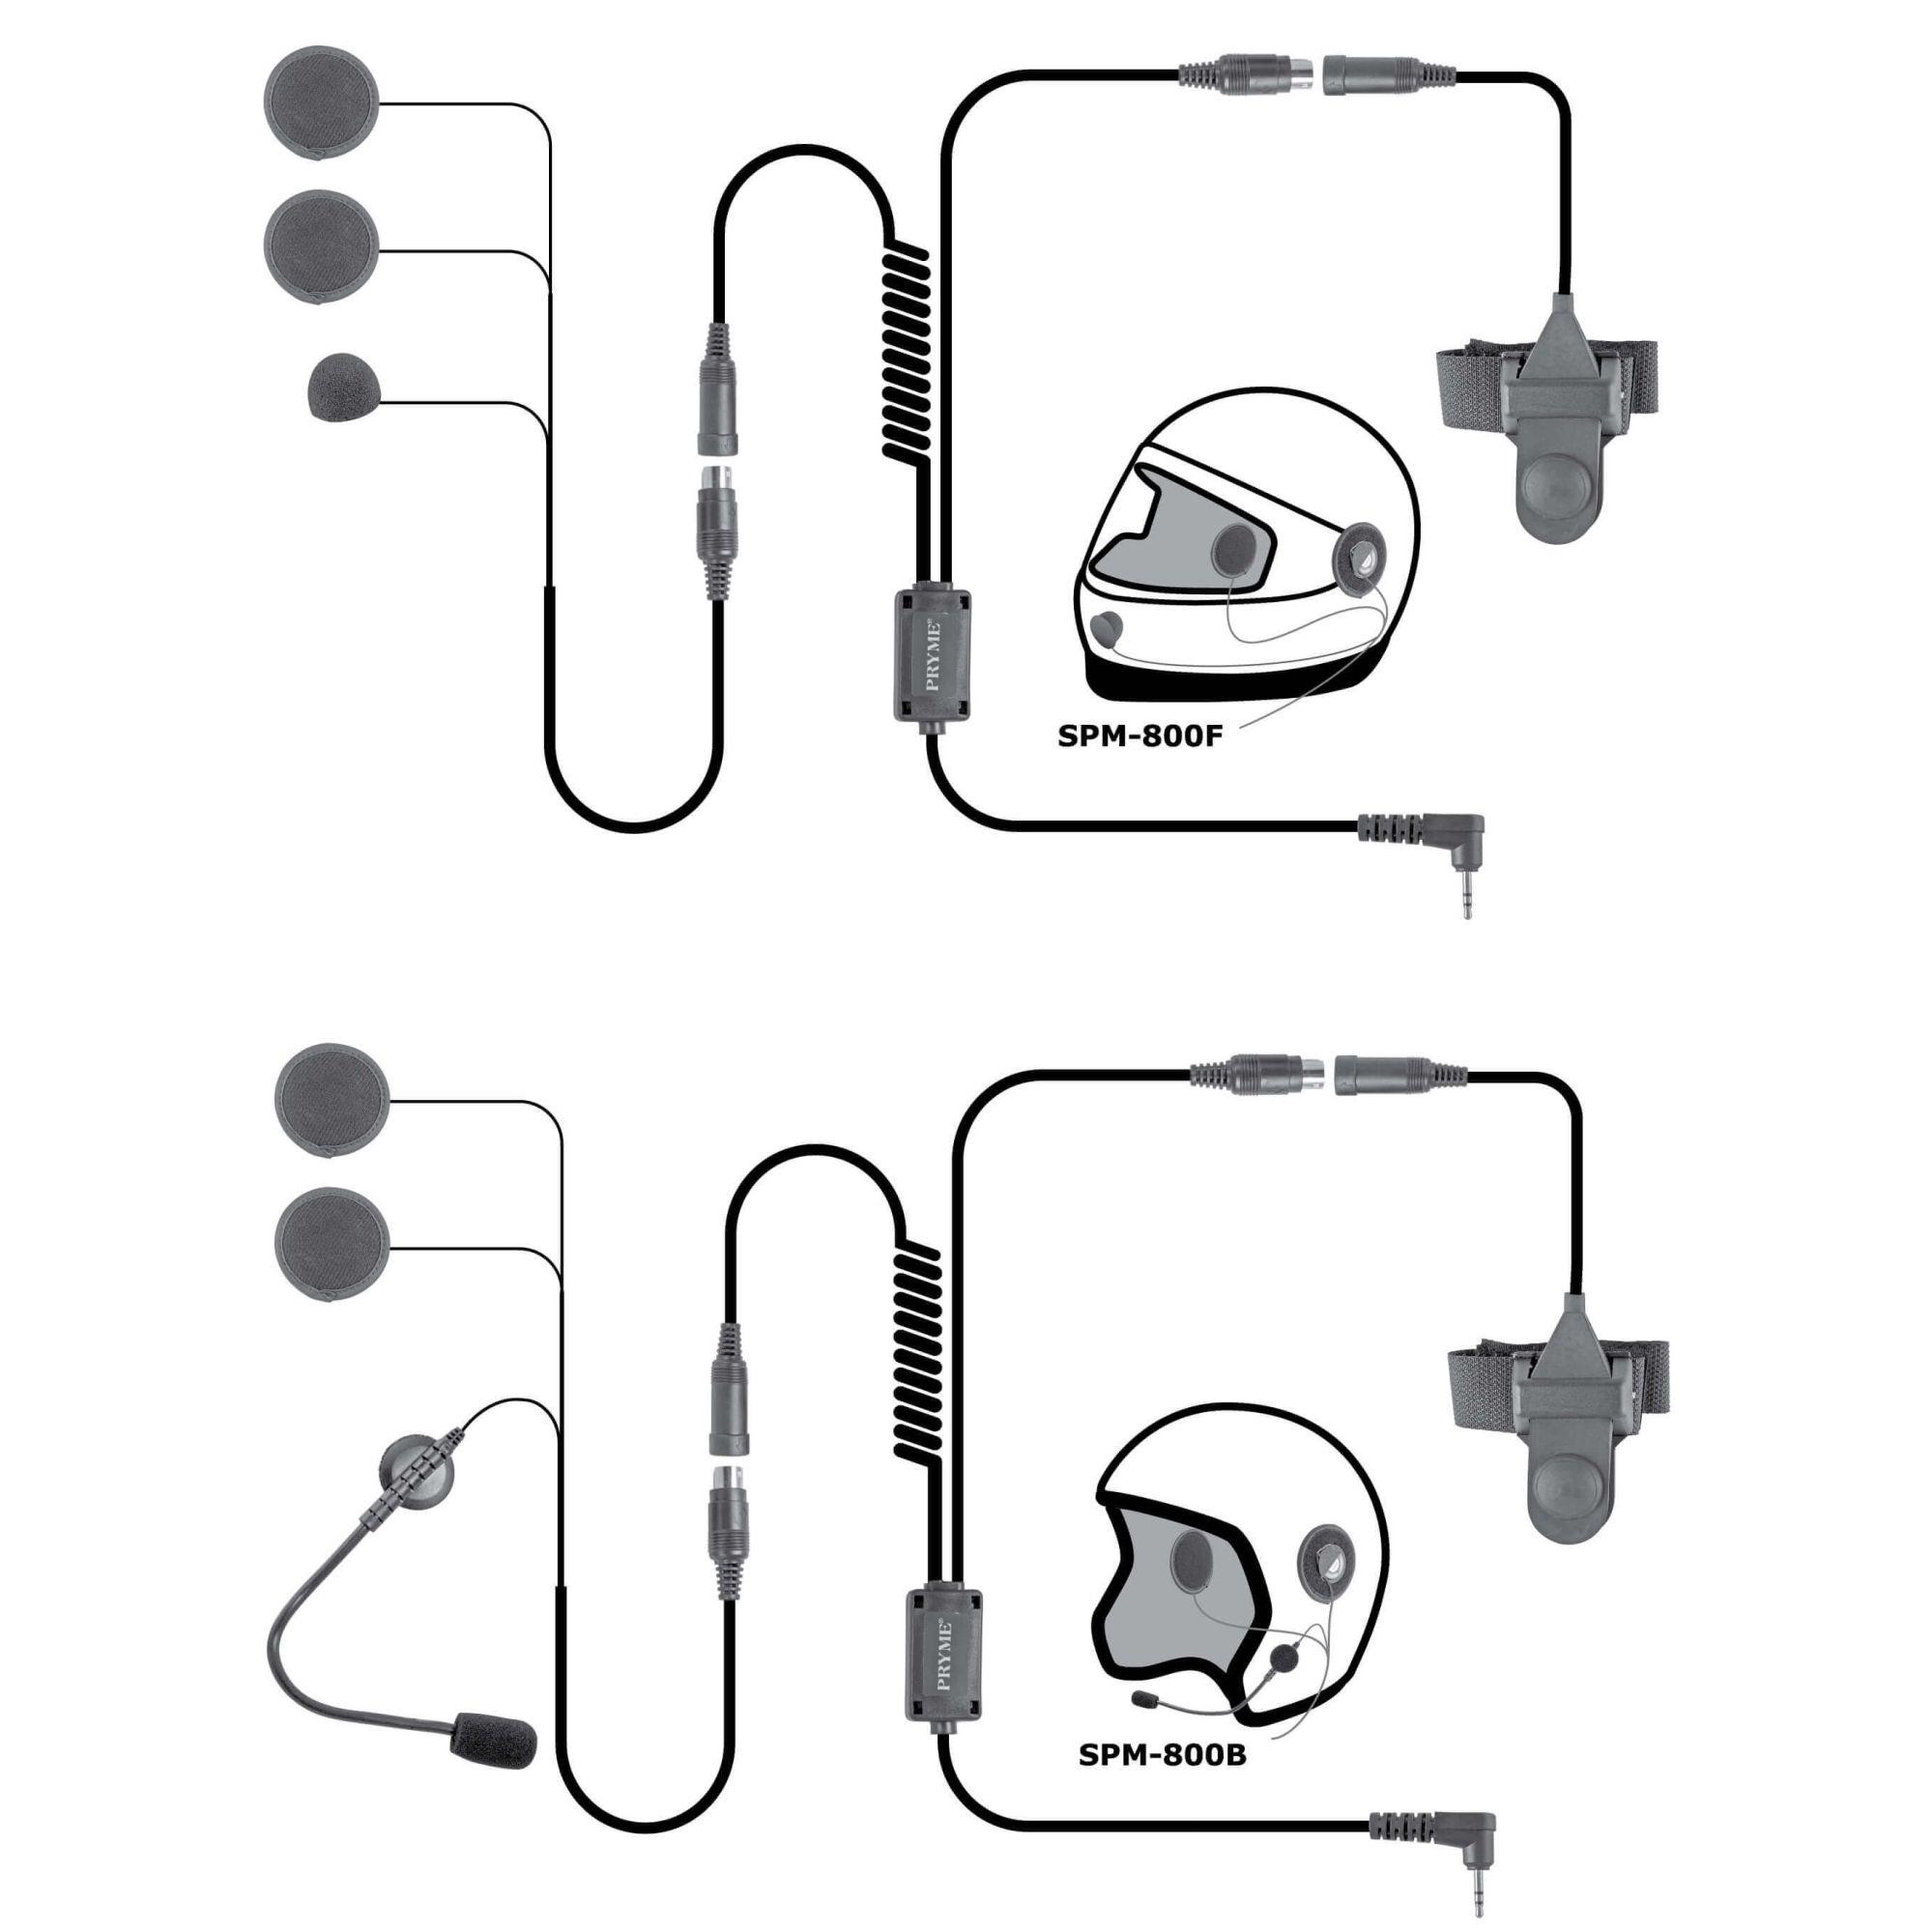 hight resolution of spm 842b highway series in helmet motorcycle mic and speaker kit